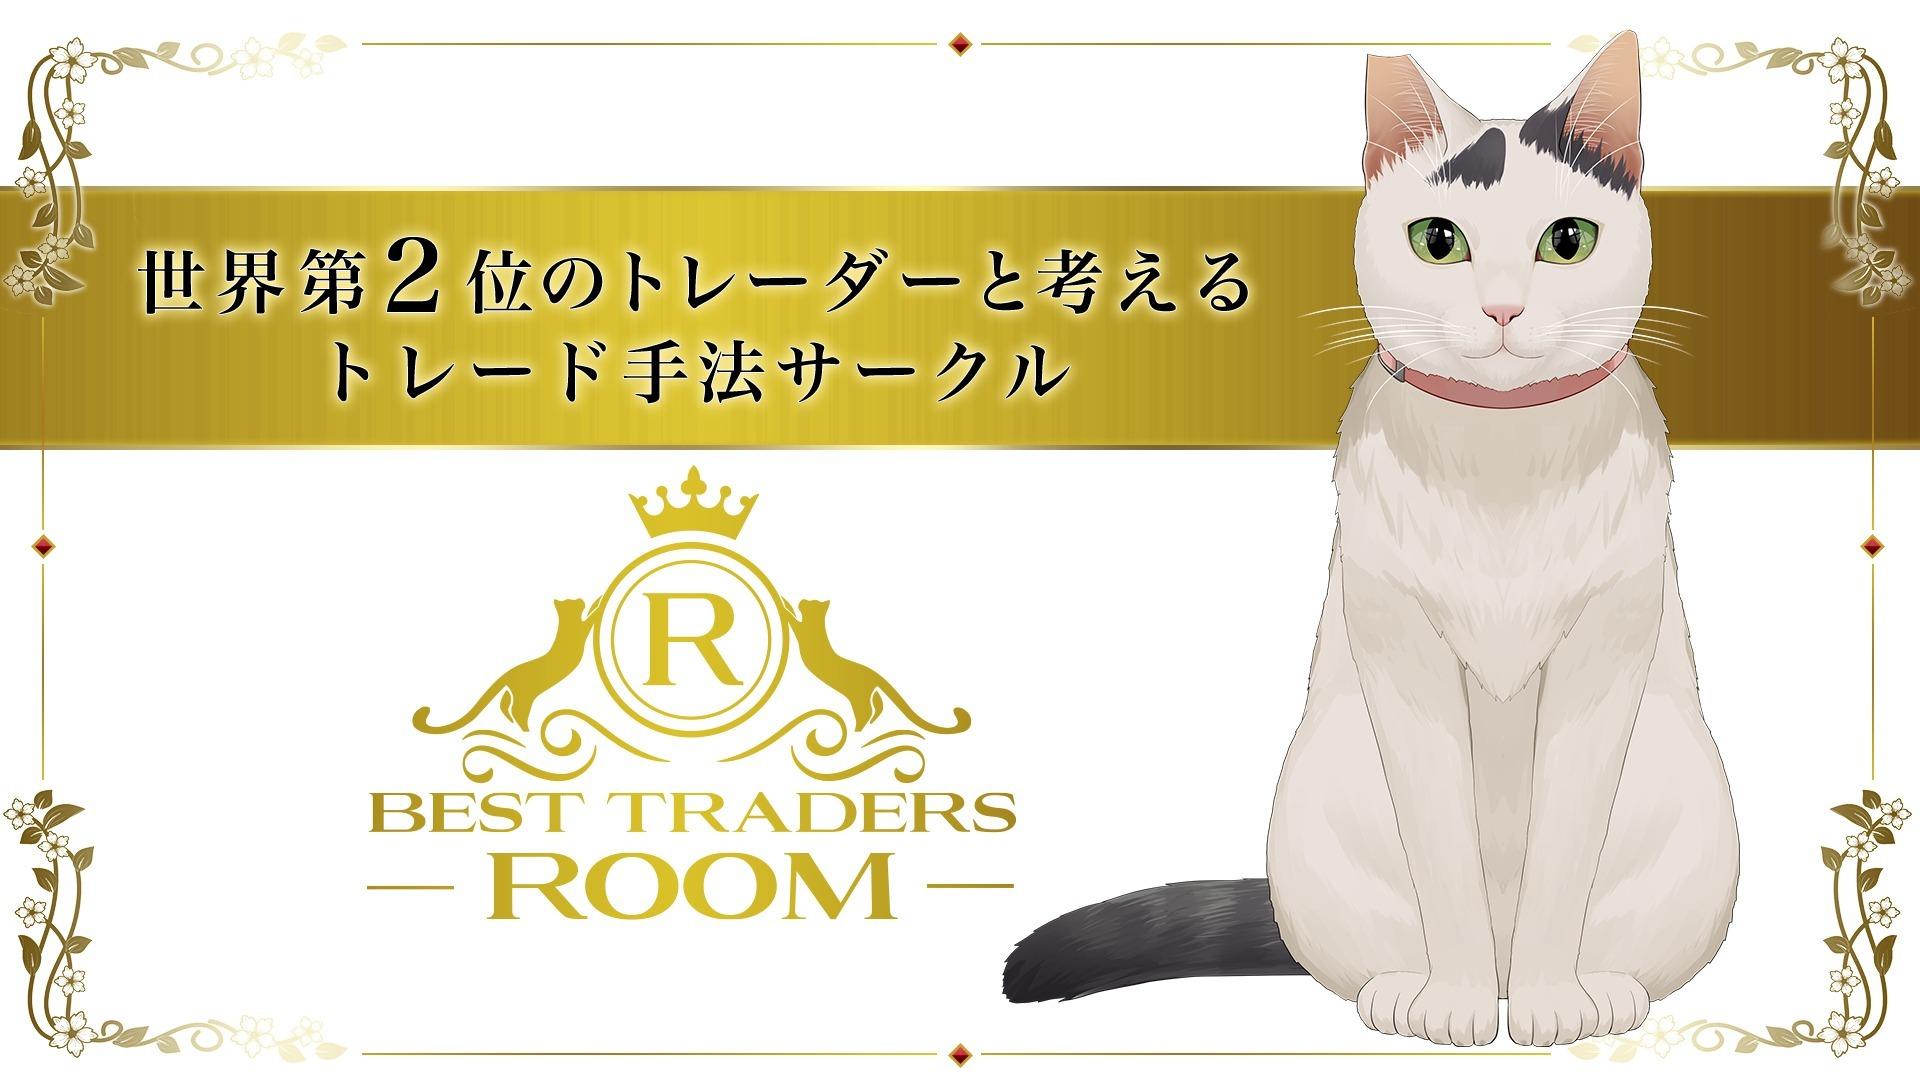 愛猫家トレーダー コウスケ - 世界第2位のトレーダーと考えるトレード手法サークル - DMM オンラインサロン